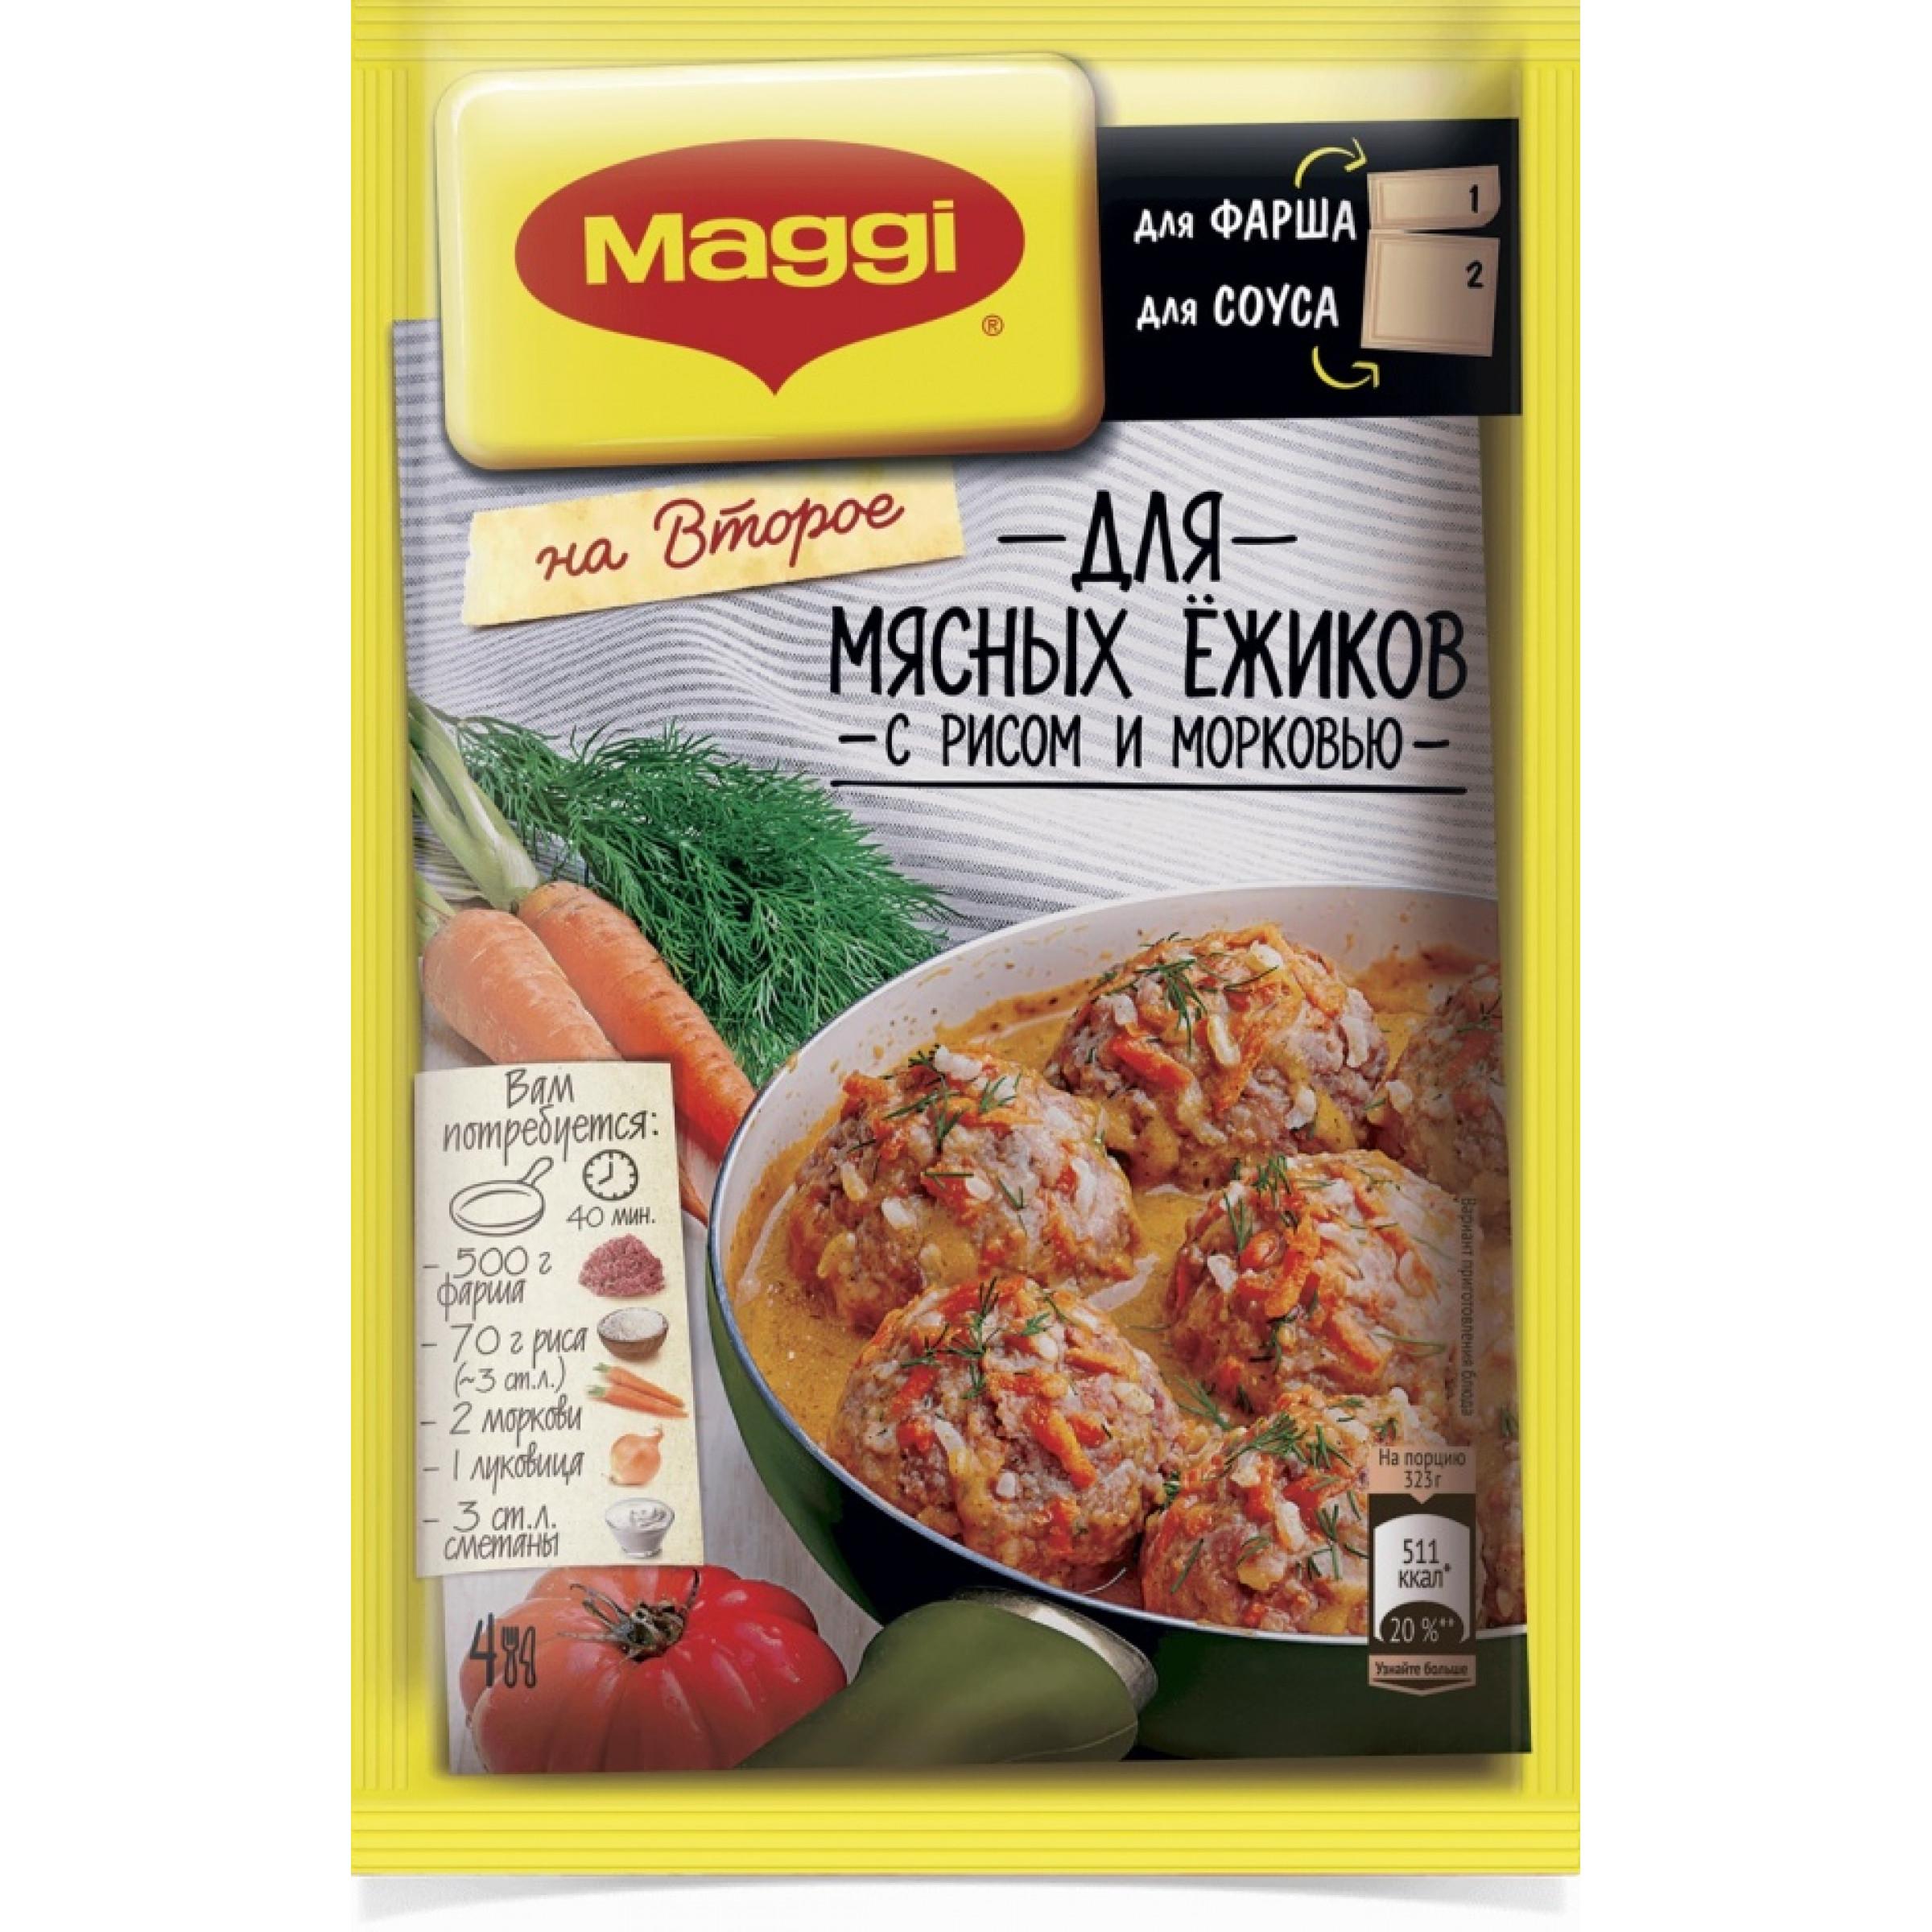 MAGGI® НА ВТОРОЕ для мясных ёжиков с рисом и морковью, 37гр